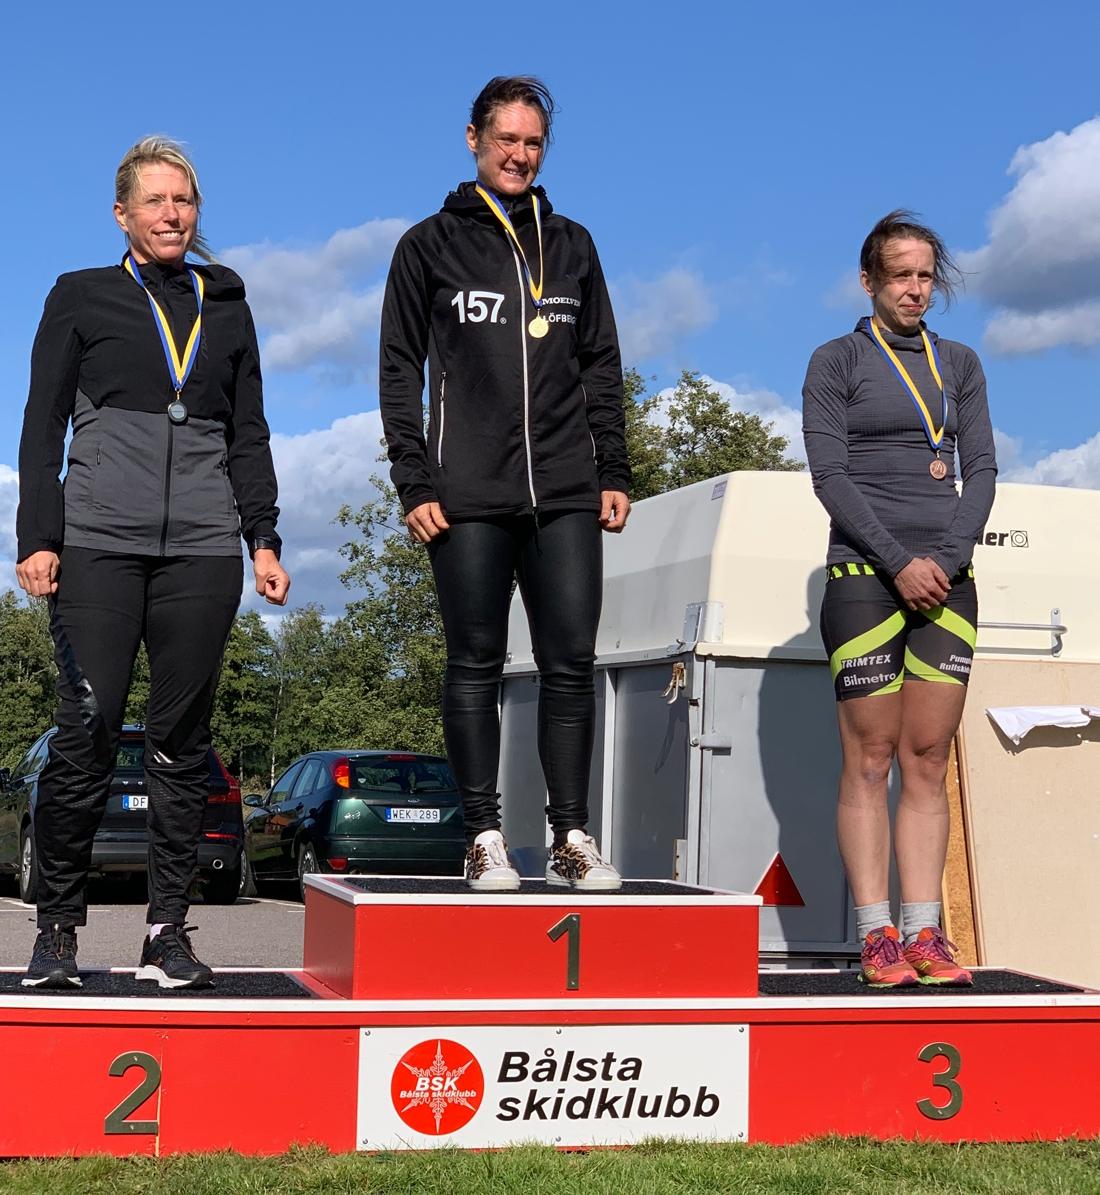 Dampallen med fr.v. Carina Wärme, Britta Johansson Norgren och Jenni Ehn Gårdhage. FOTO: Skoklosterrullen.